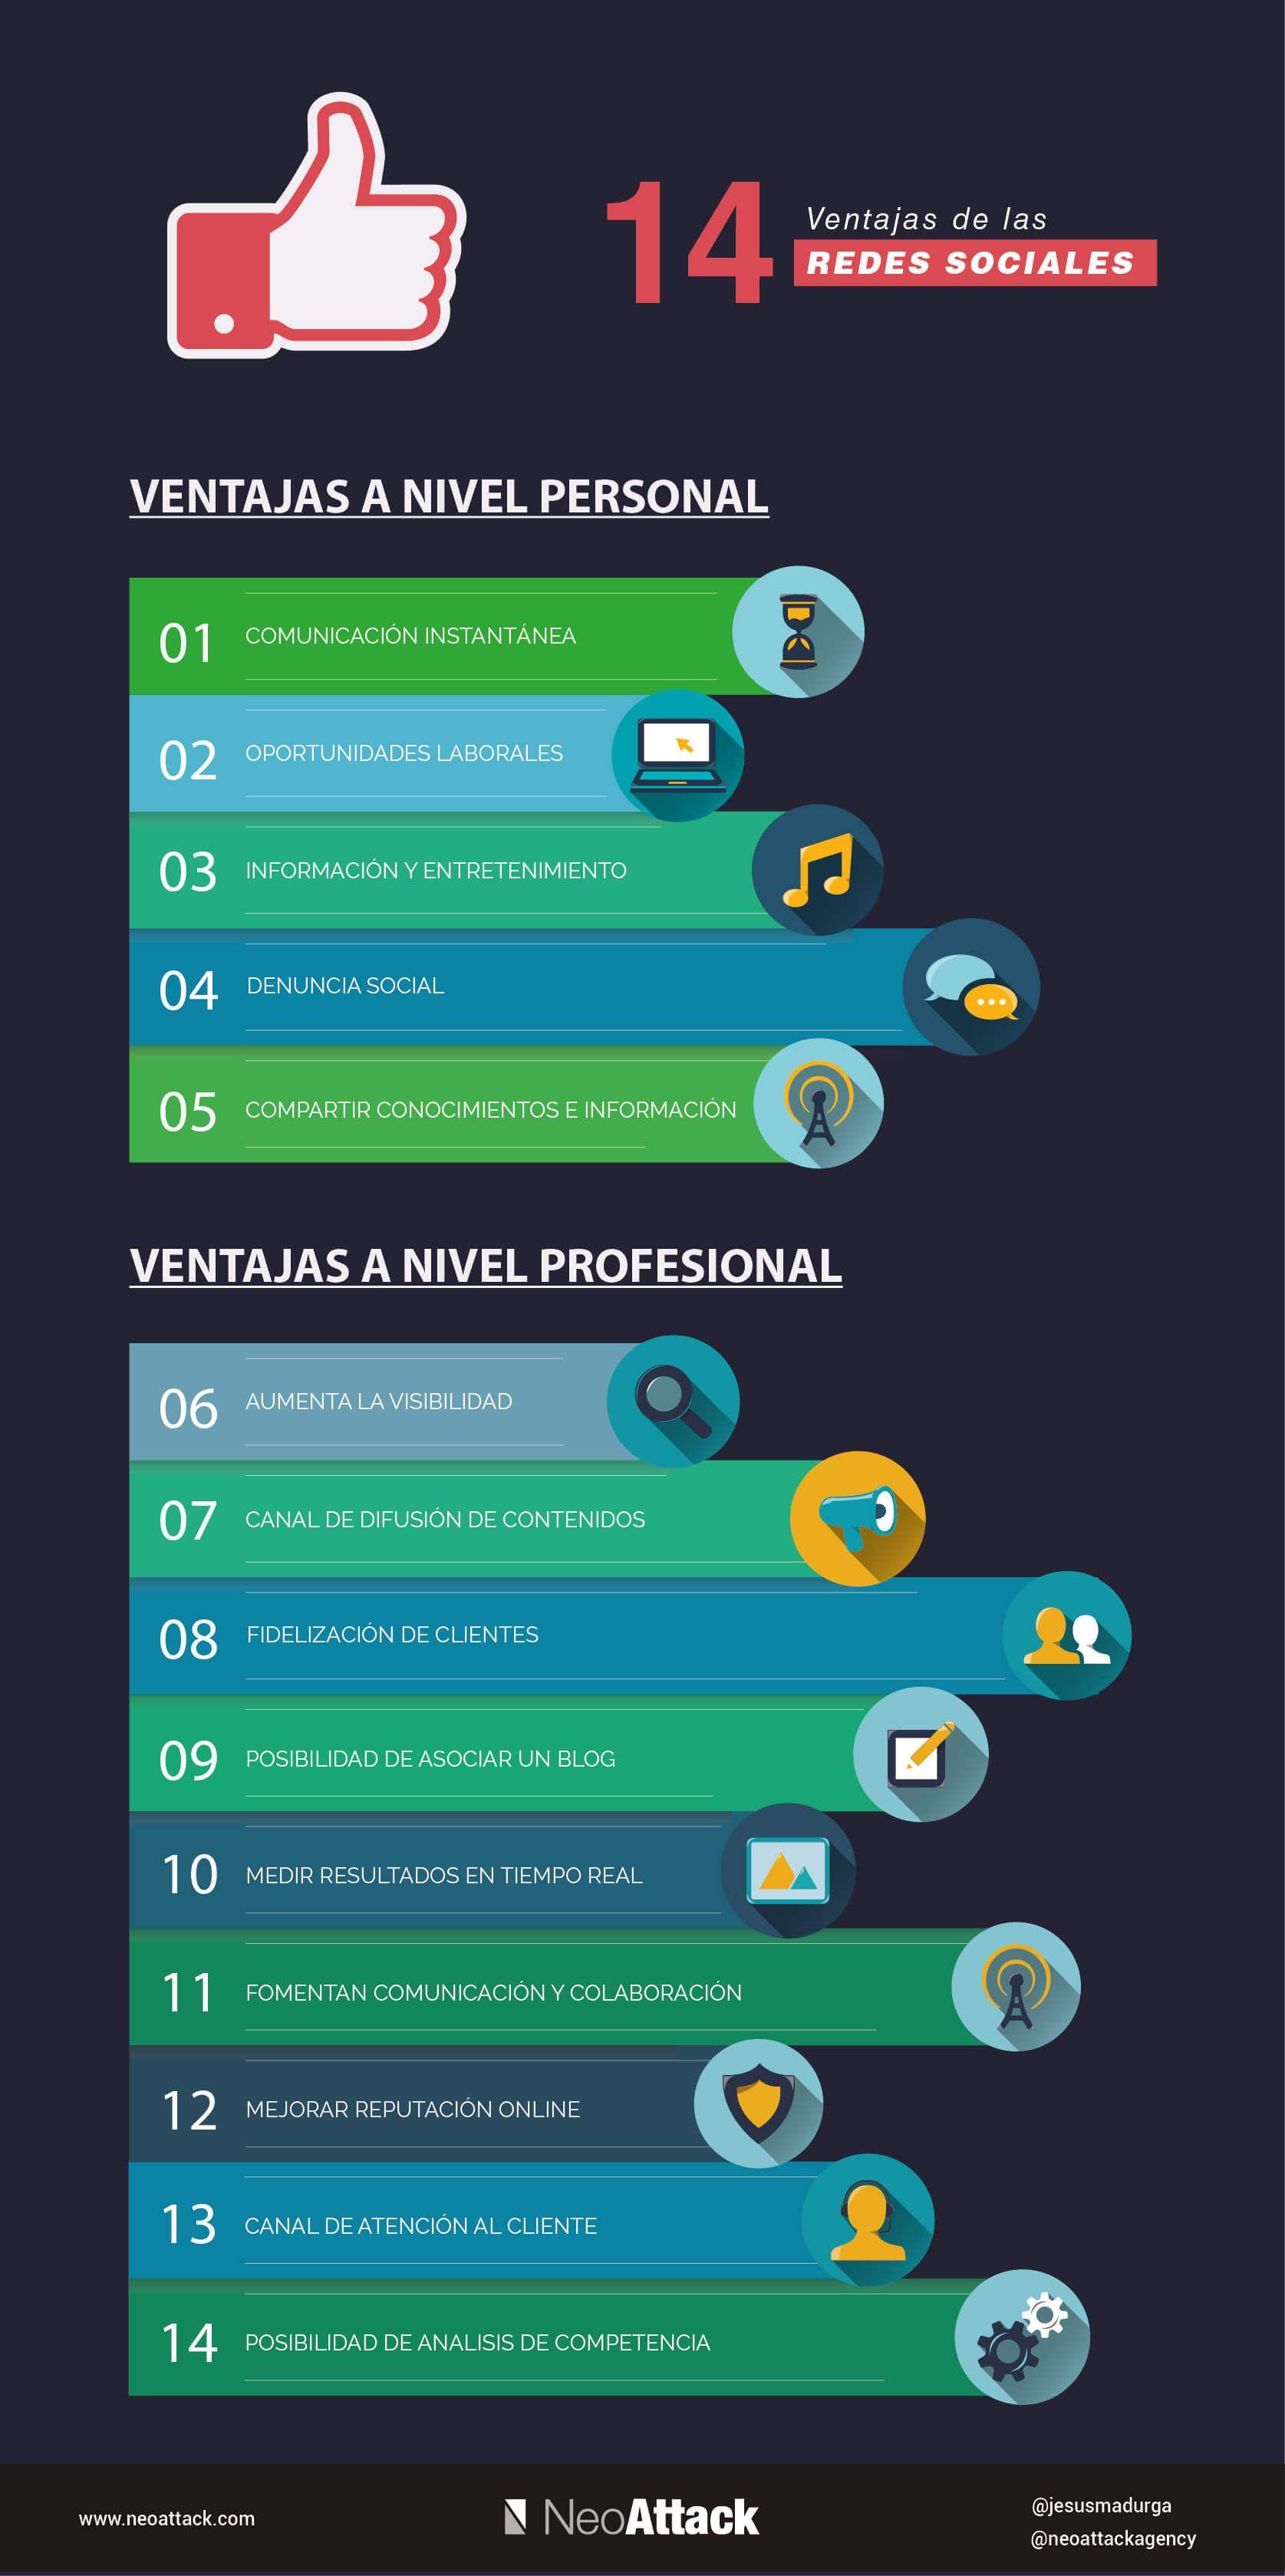 14 ventajas de las Redes Sociales.